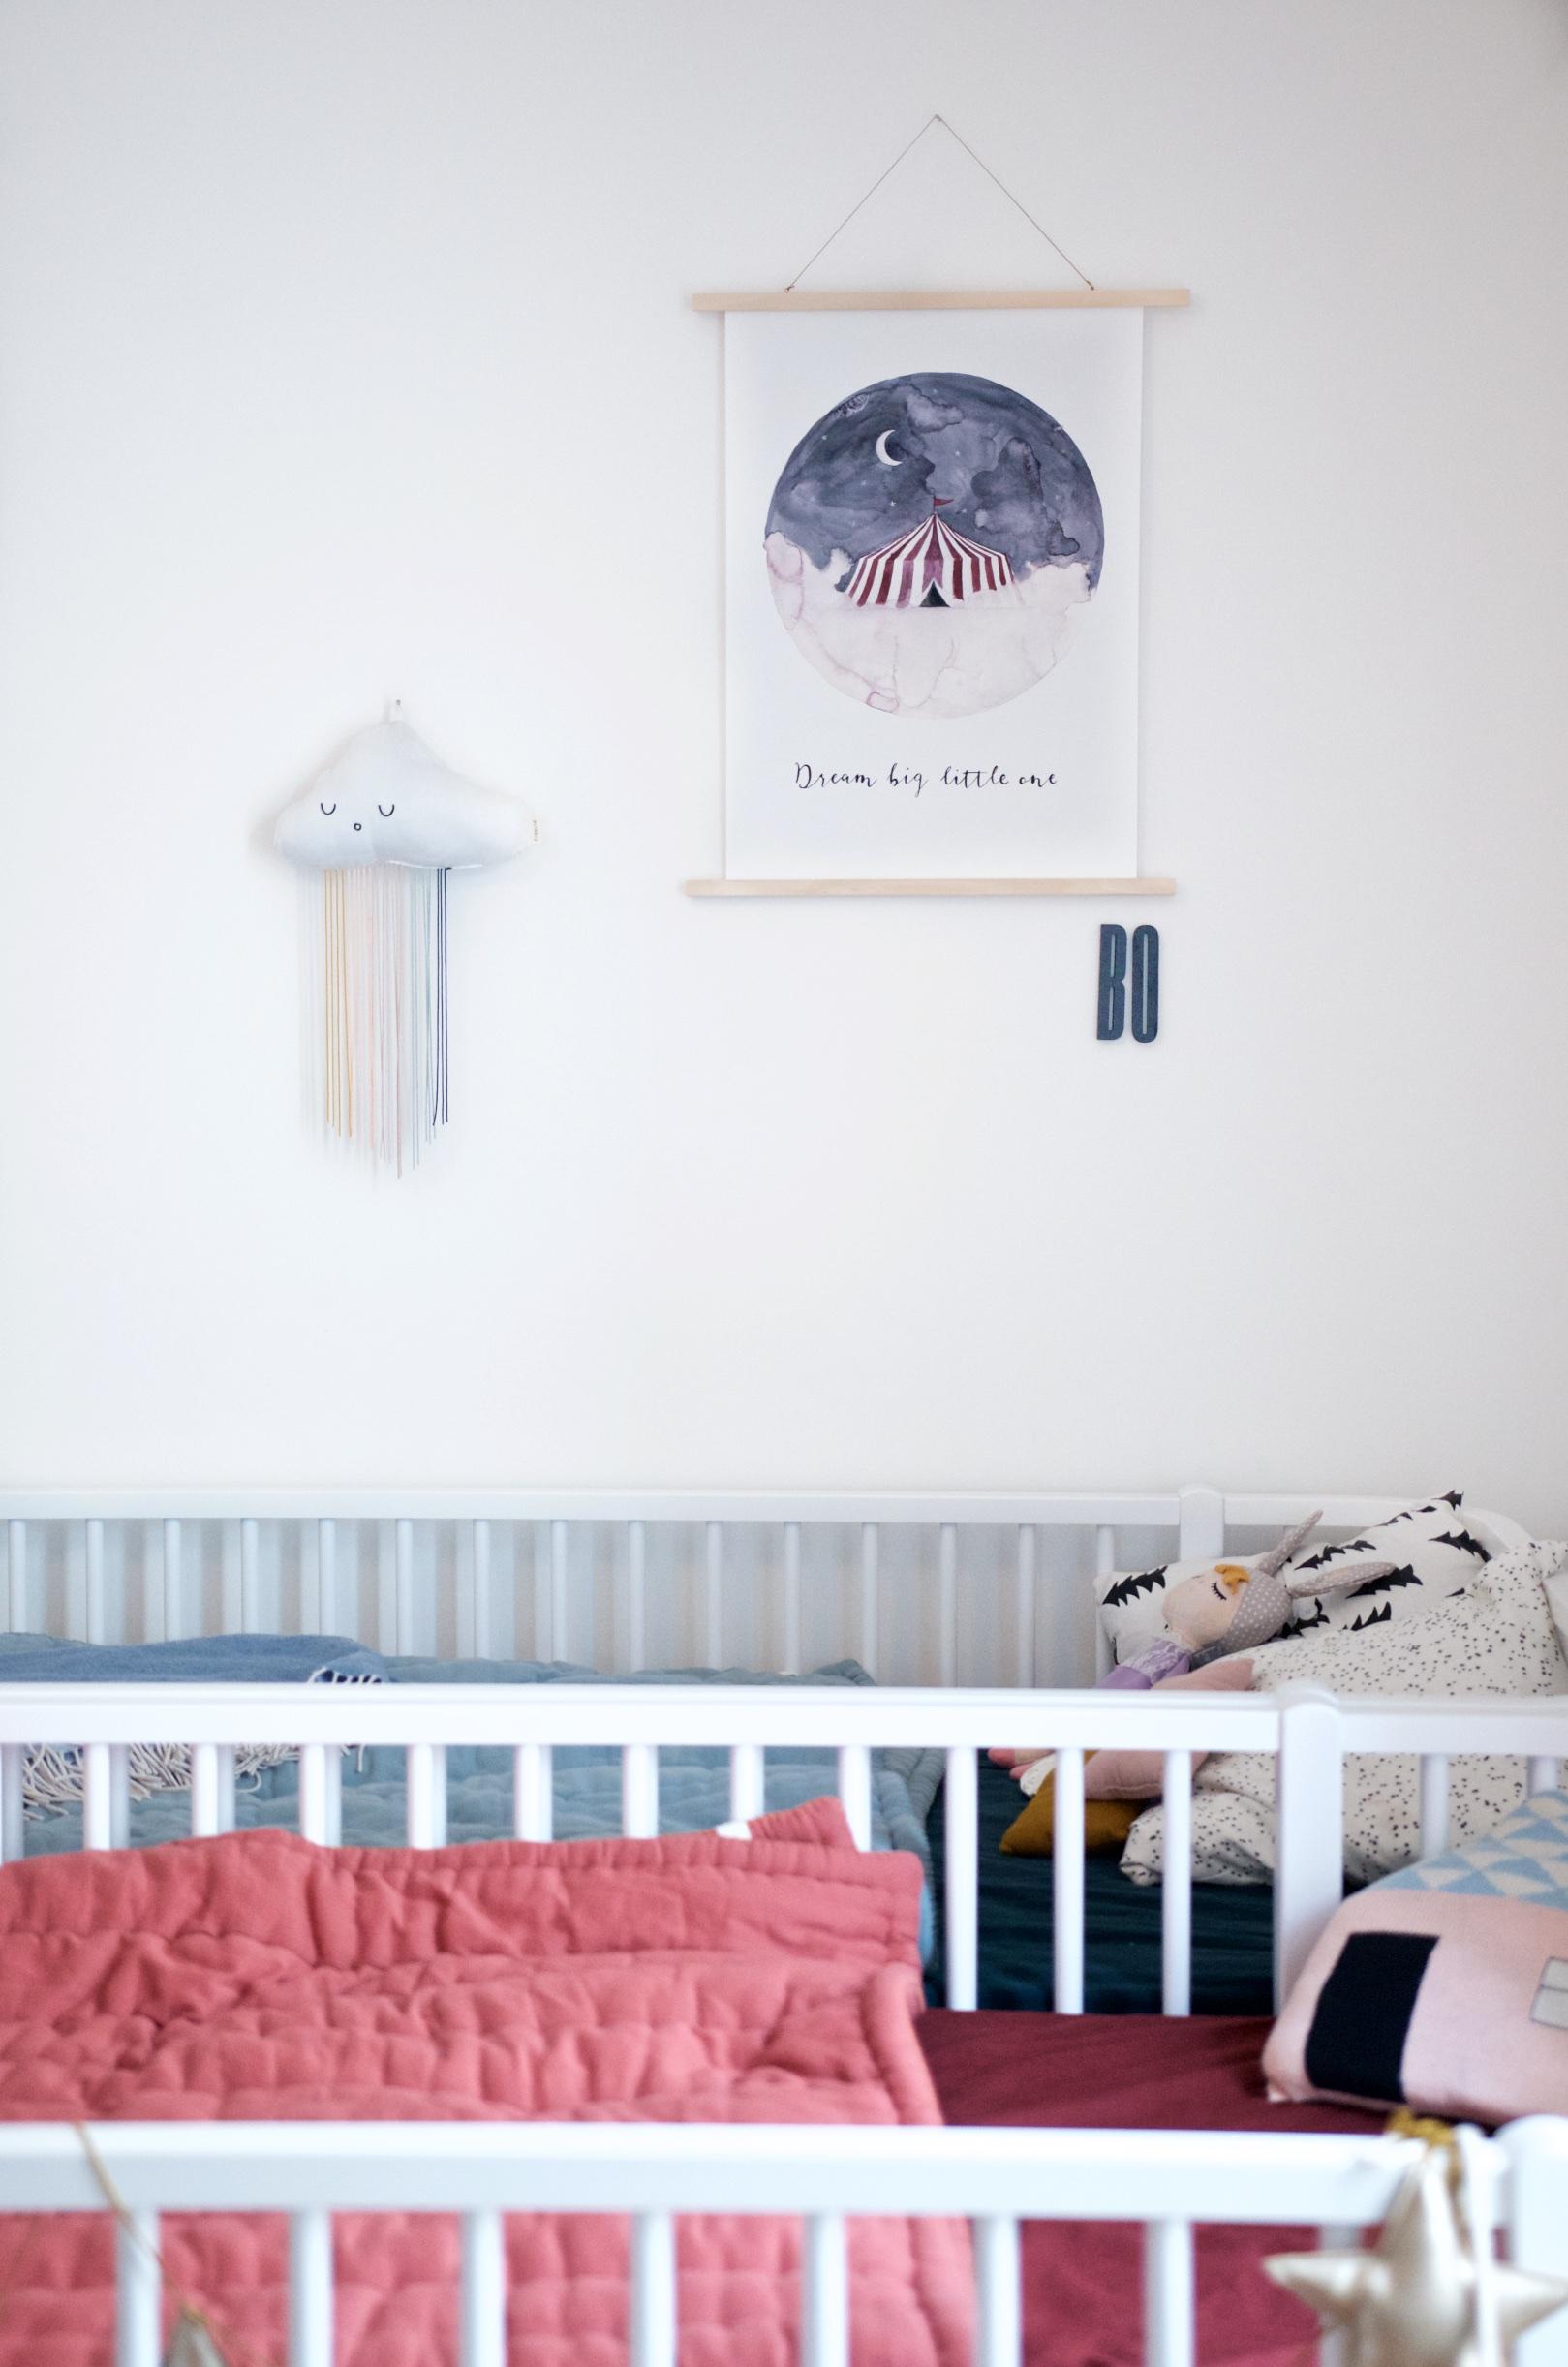 Hochbetten von Oliver Furniture und Wanddeko von Fabelab, Design Letters und Leo La Douce